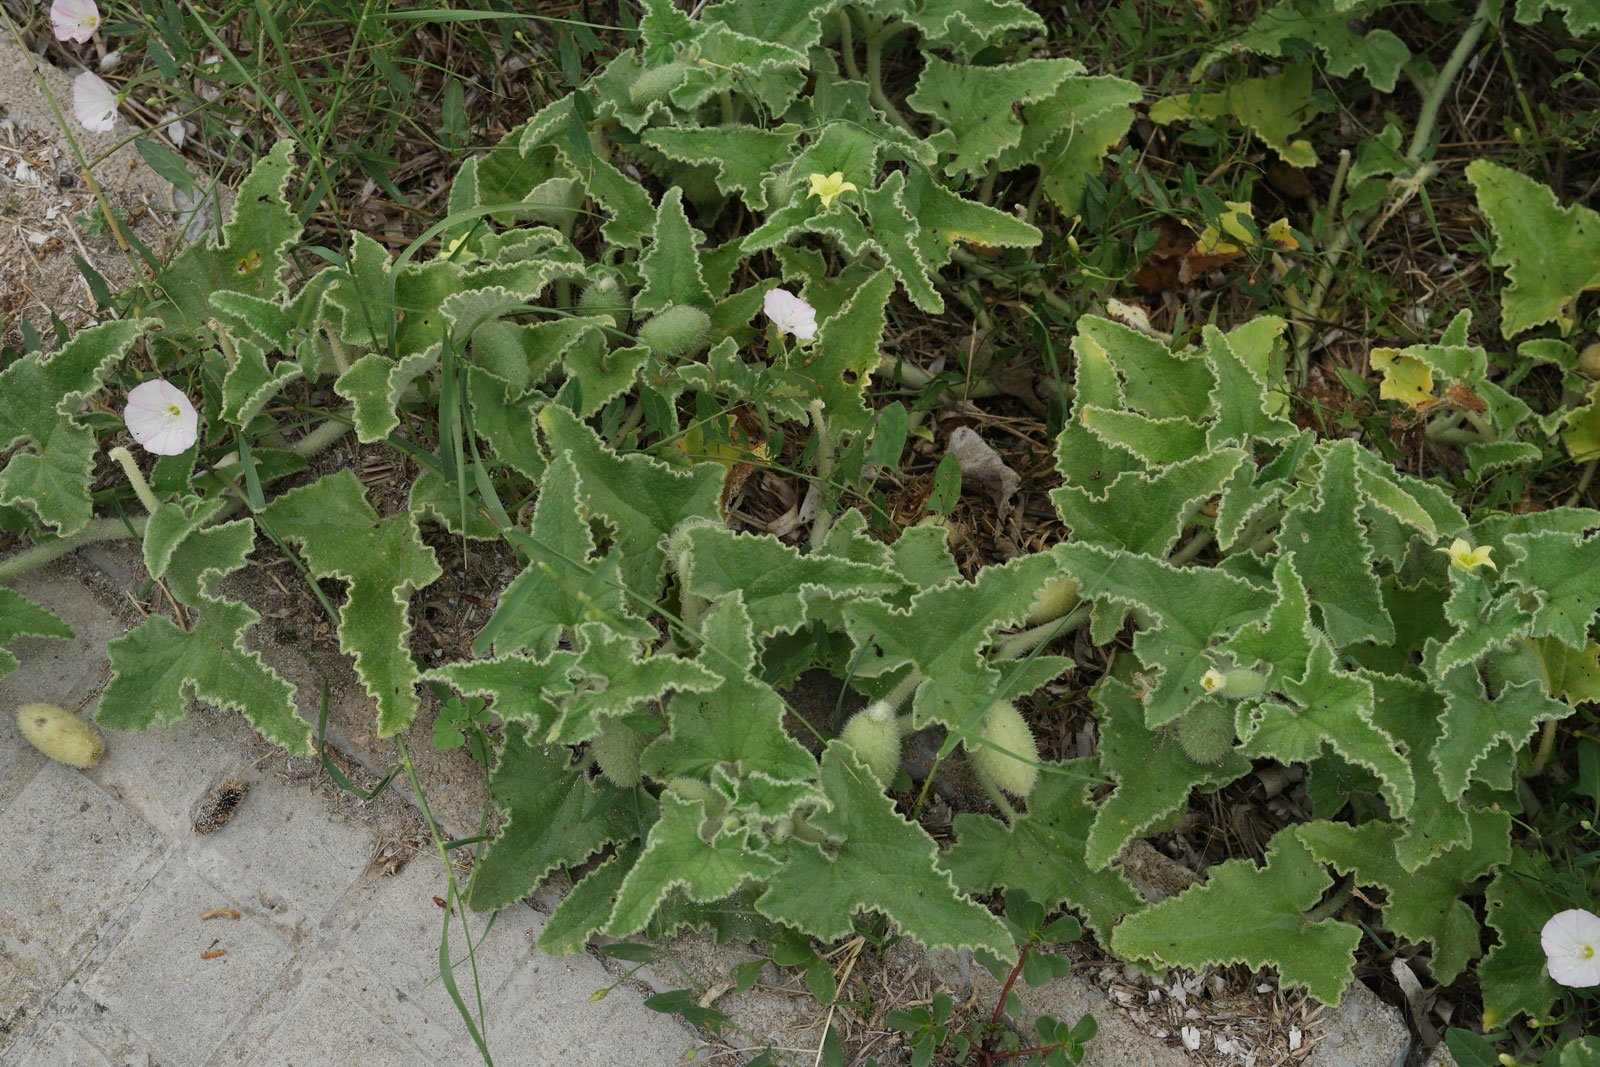 Ecballium elaterium